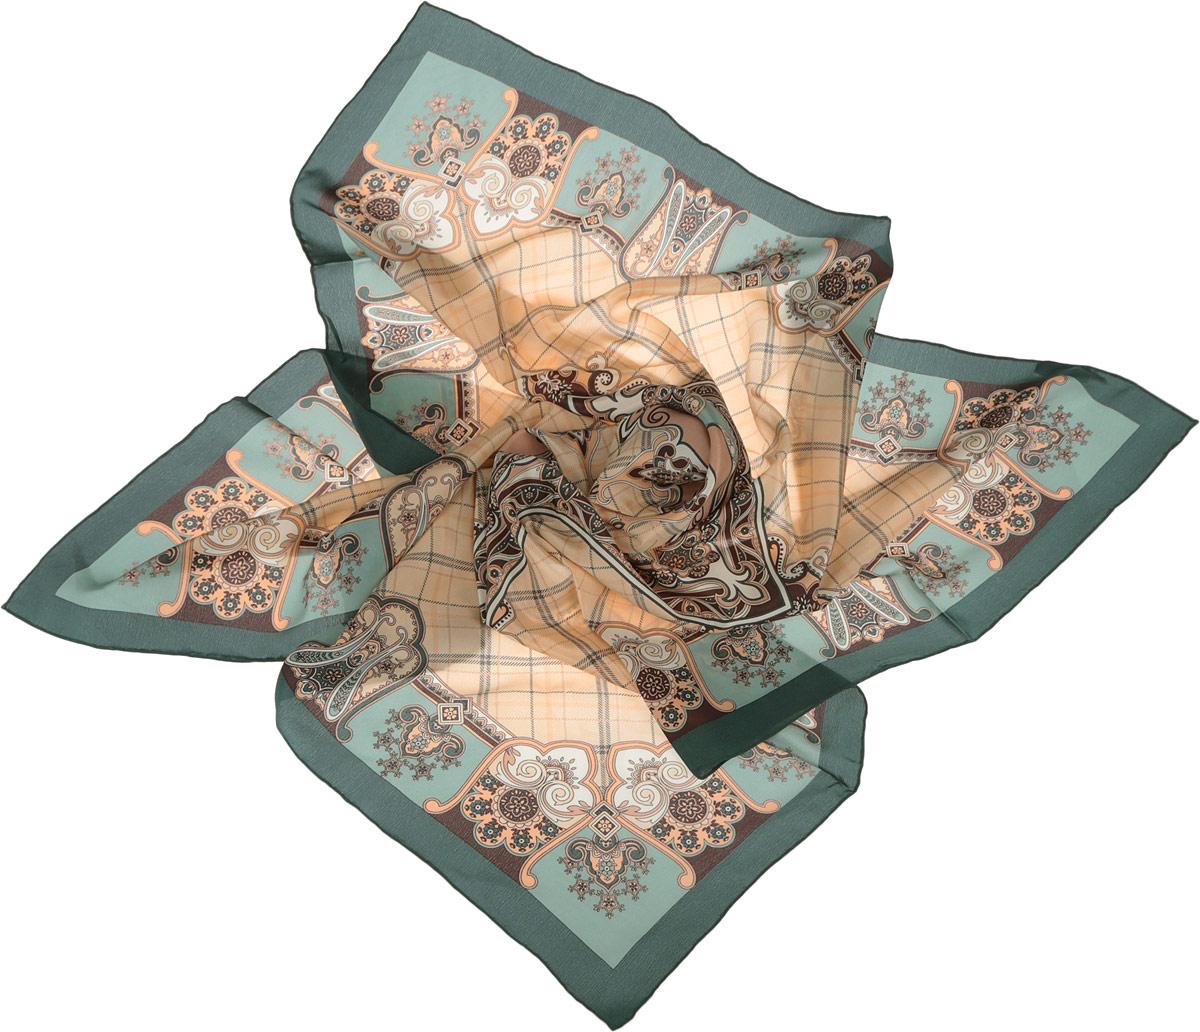 Платок женский Fabretti, цвет: зеленый, бежевый, коричневый. CX1516-50-6. Размер 90 см х 90 смCX1516-50-6Стильный женский платок Fabretti станет великолепным завершением любого наряда. Платок изготовлен из высококачественного 100% шелка и оформлен принтом в клетку и оригинальным цветочным орнаментом. Классическая квадратная форма позволяет носить платок на шее, украшать им прическу или декорировать сумочку. Мягкий и шелковистый платок поможет вам создать изысканный женственный образ, а также согреет в непогоду. Такой платок превосходно дополнит любой наряд и подчеркнет ваш неповторимый вкус и элегантность.